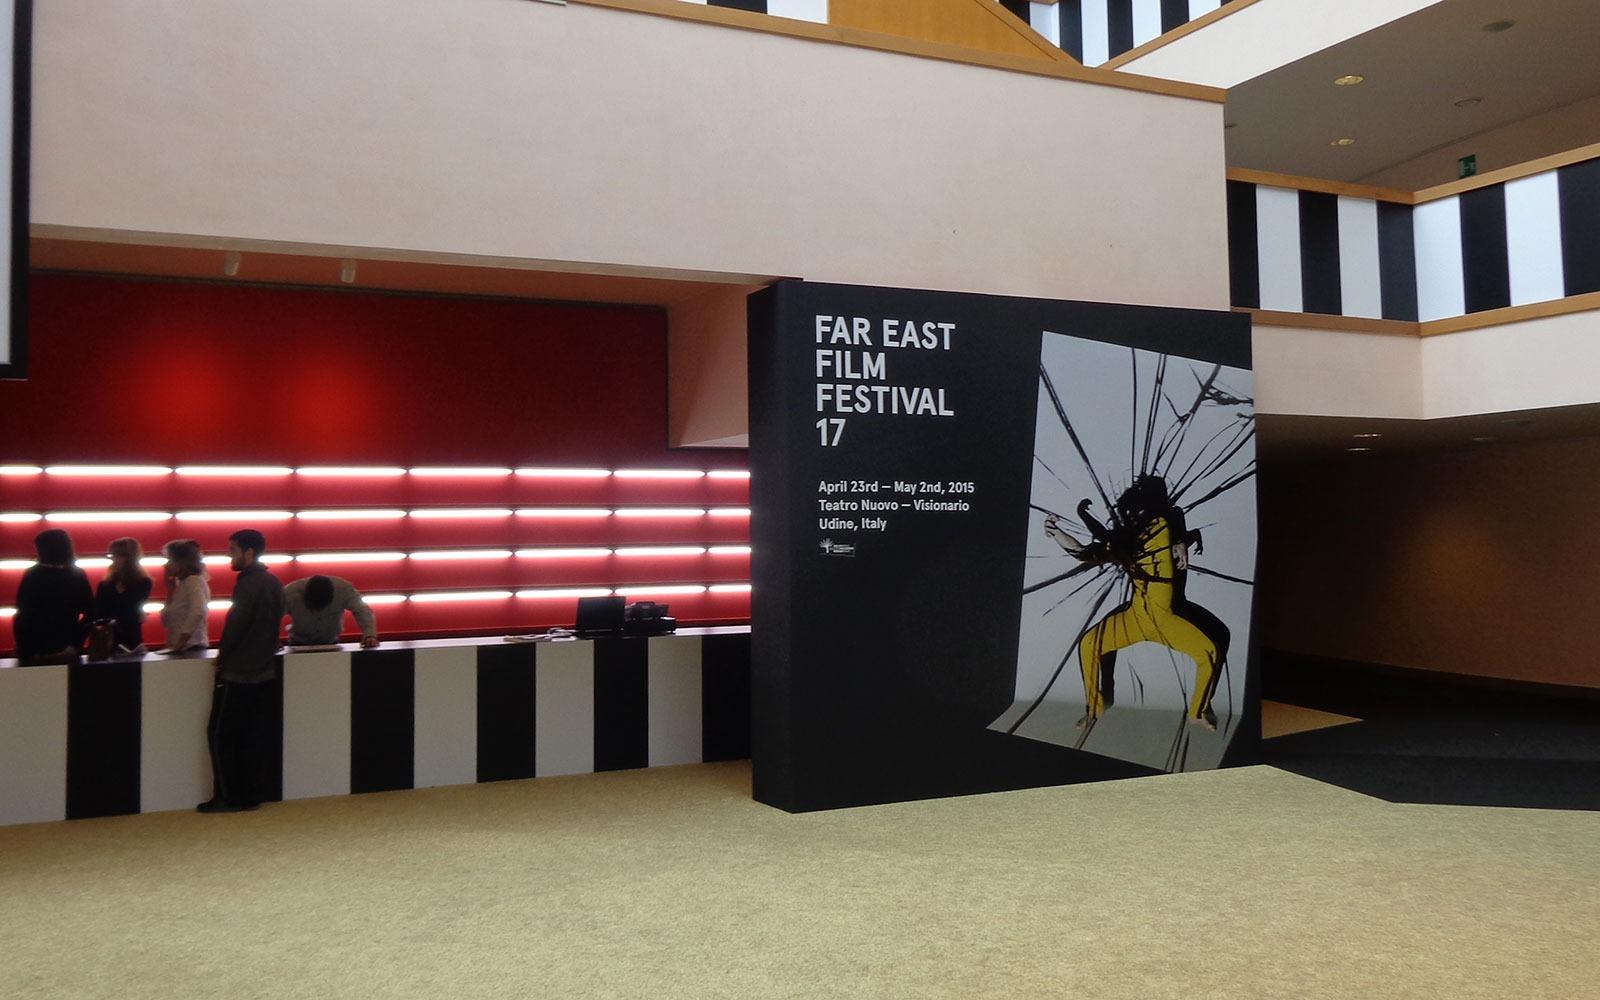 Far East Film Festival 2015